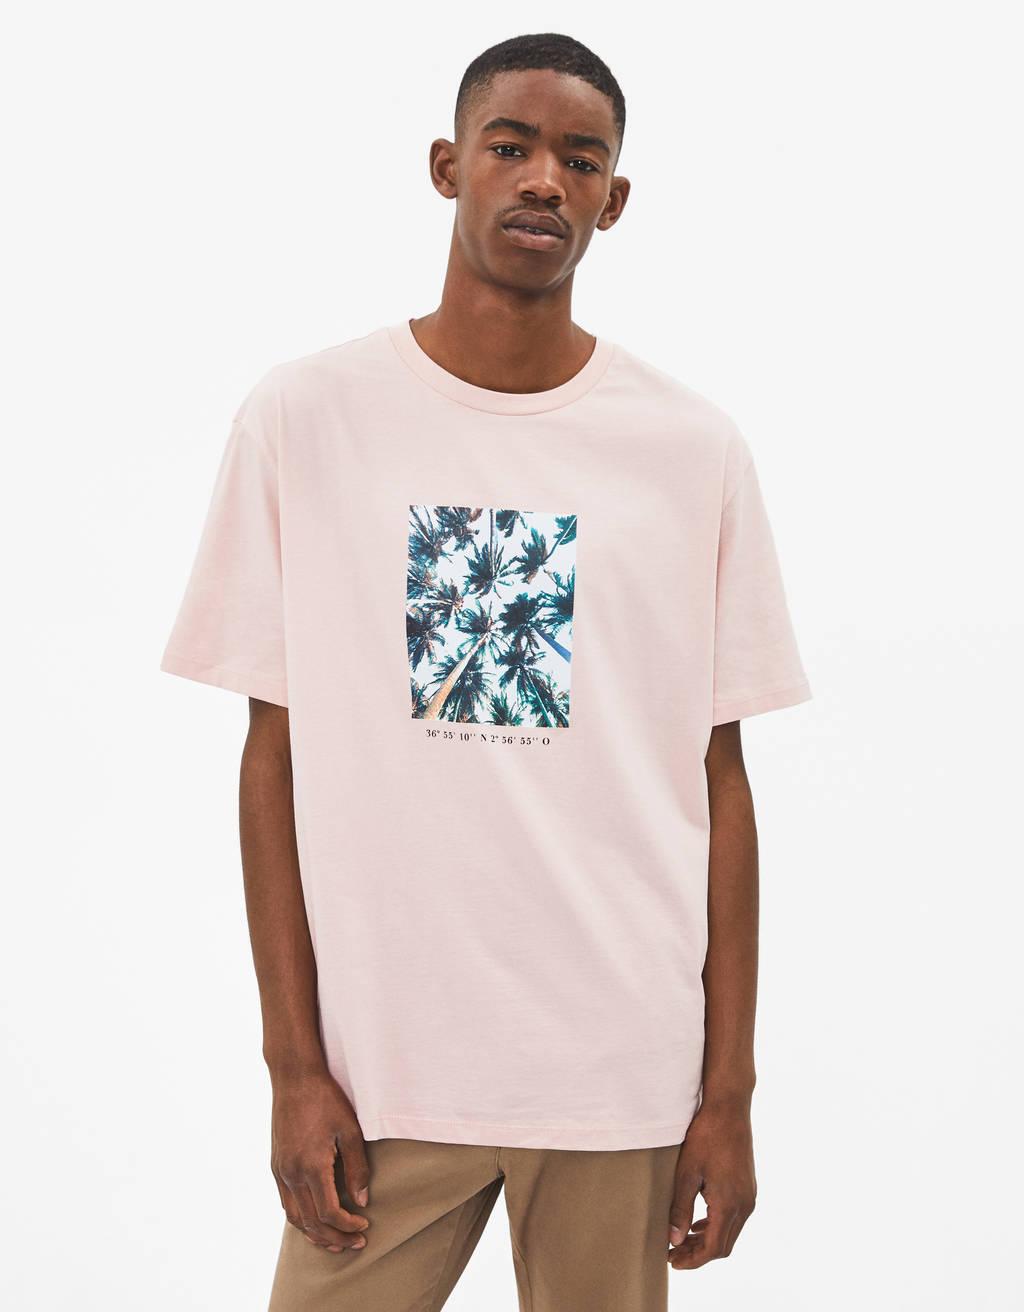 f726f36d7b7525 Men's T-Shirts - Summer Sale 2019   Bershka